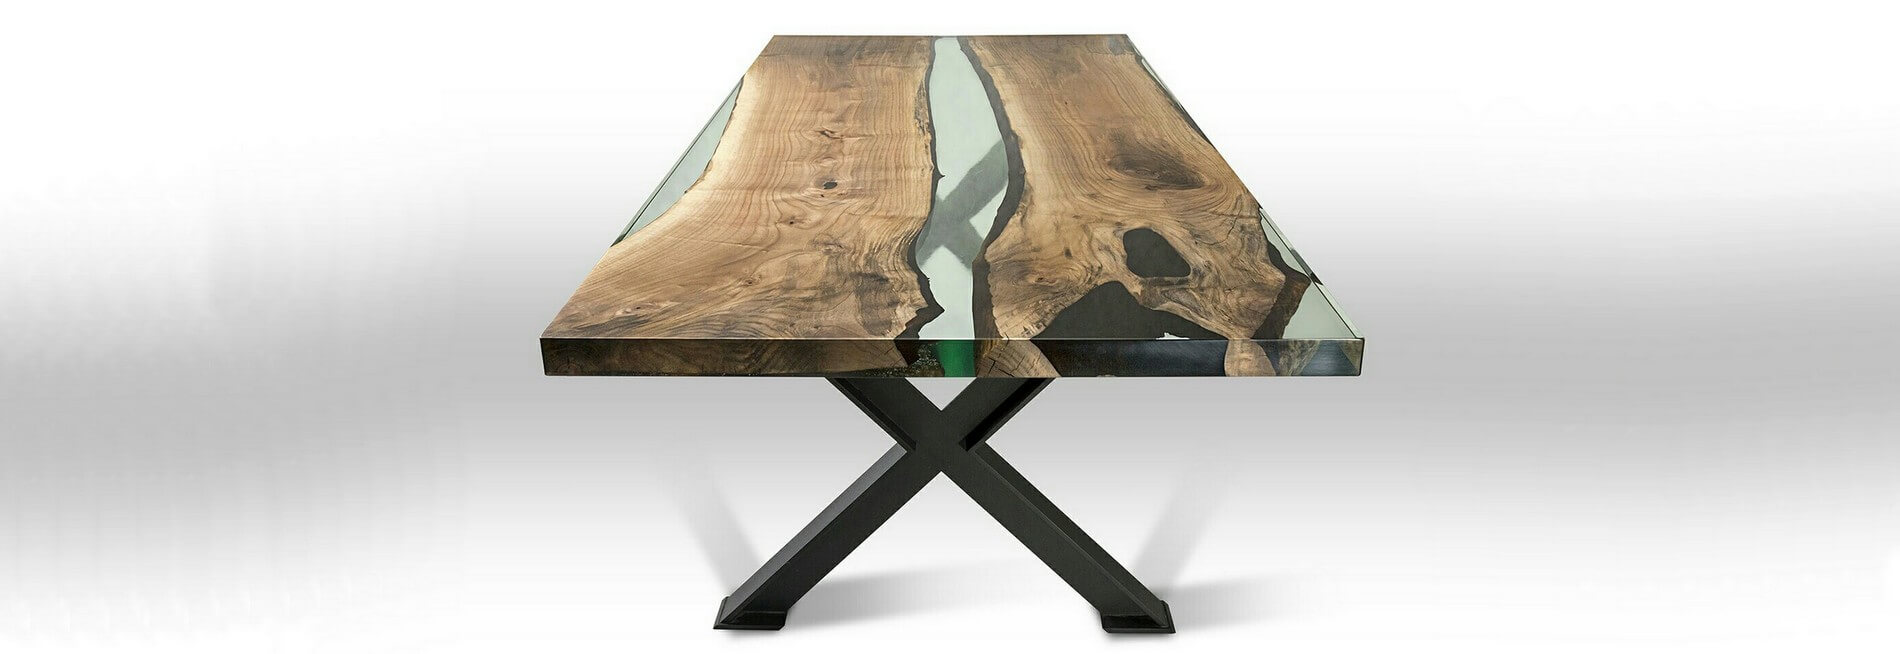 Стол река из полимера и дерева